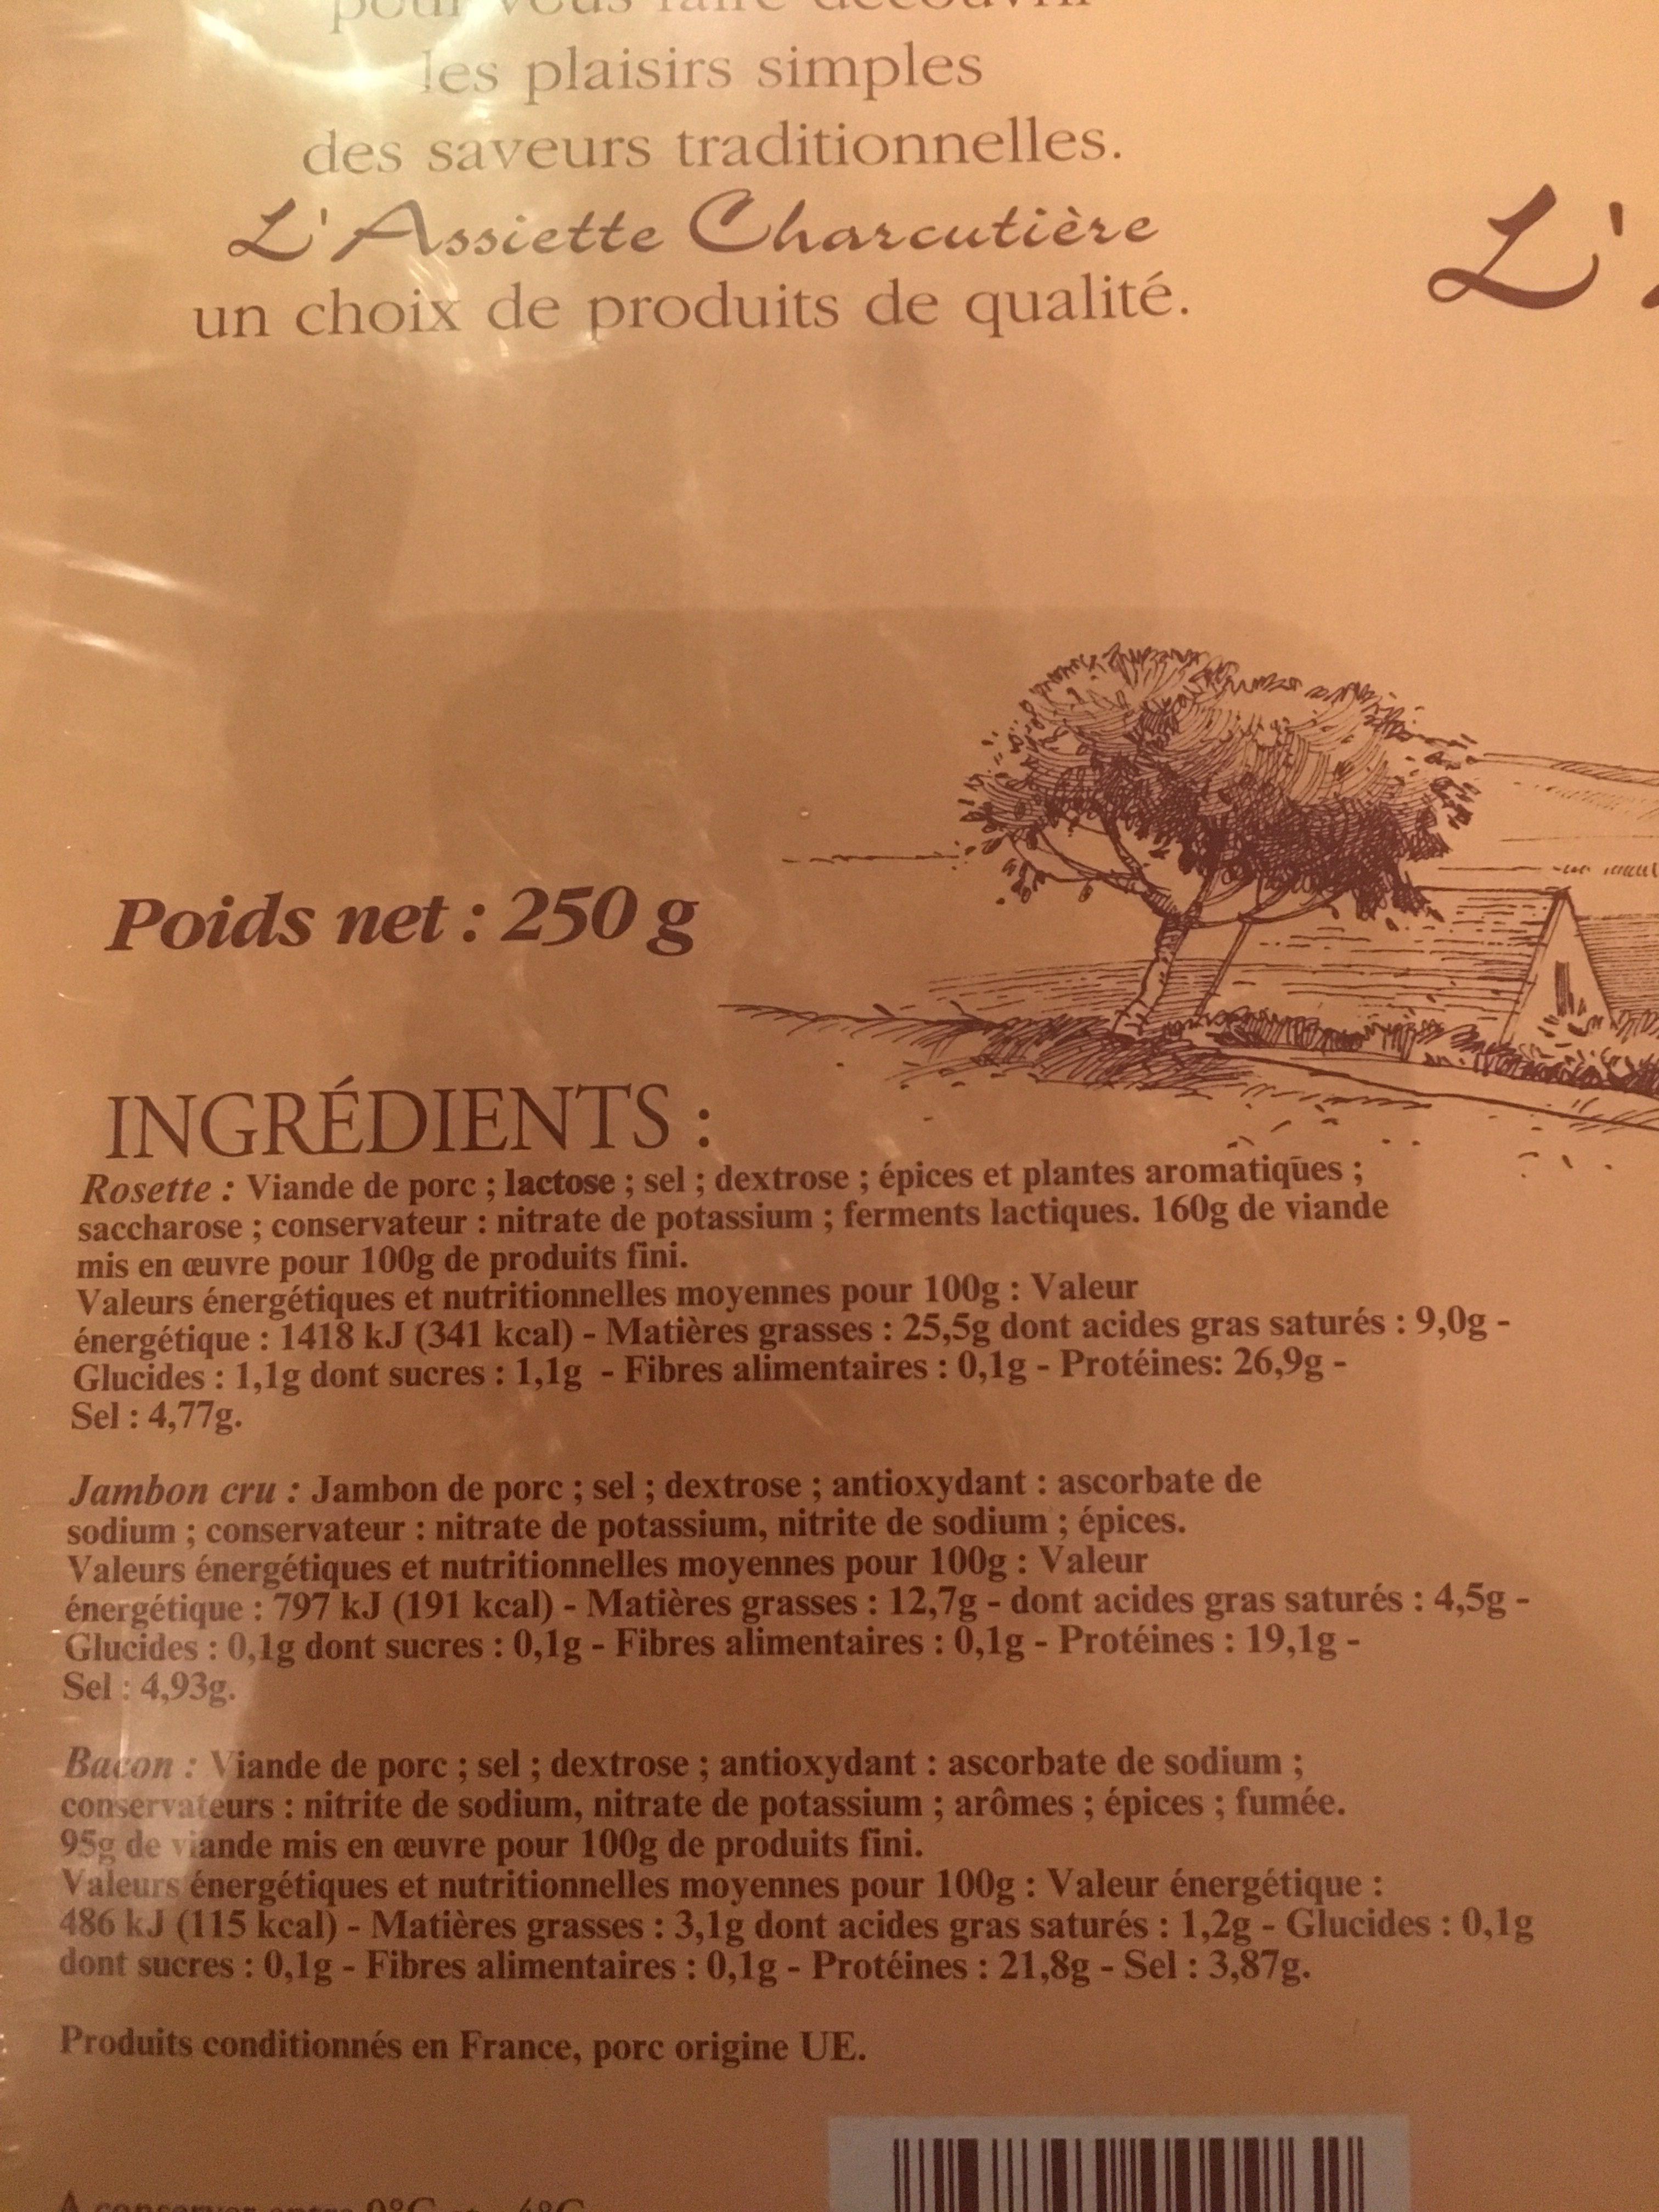 Assiette charcutiere rosette bacon jambon sec - Ingrédients - fr